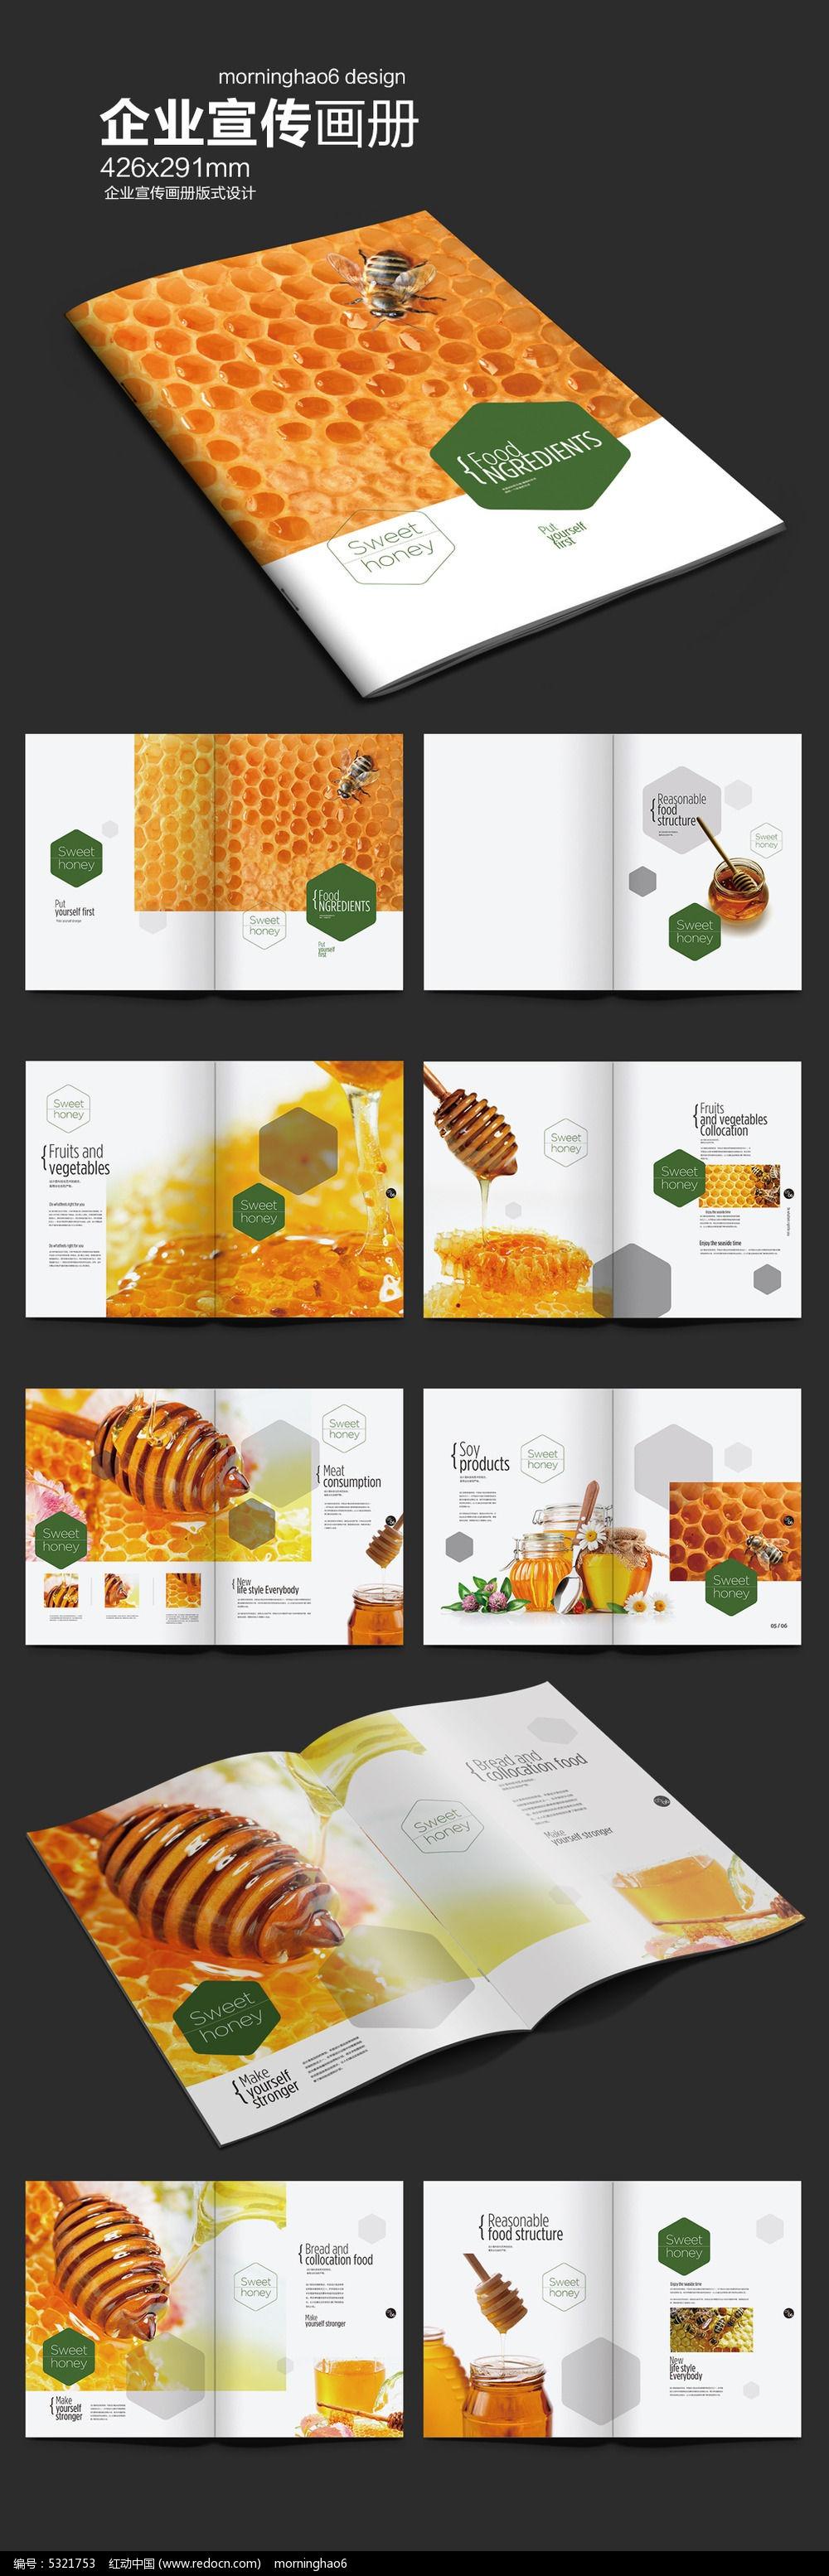 电子商务画册 国外画册 画册版式 画册版式设计 农产品画册 农副产品图片